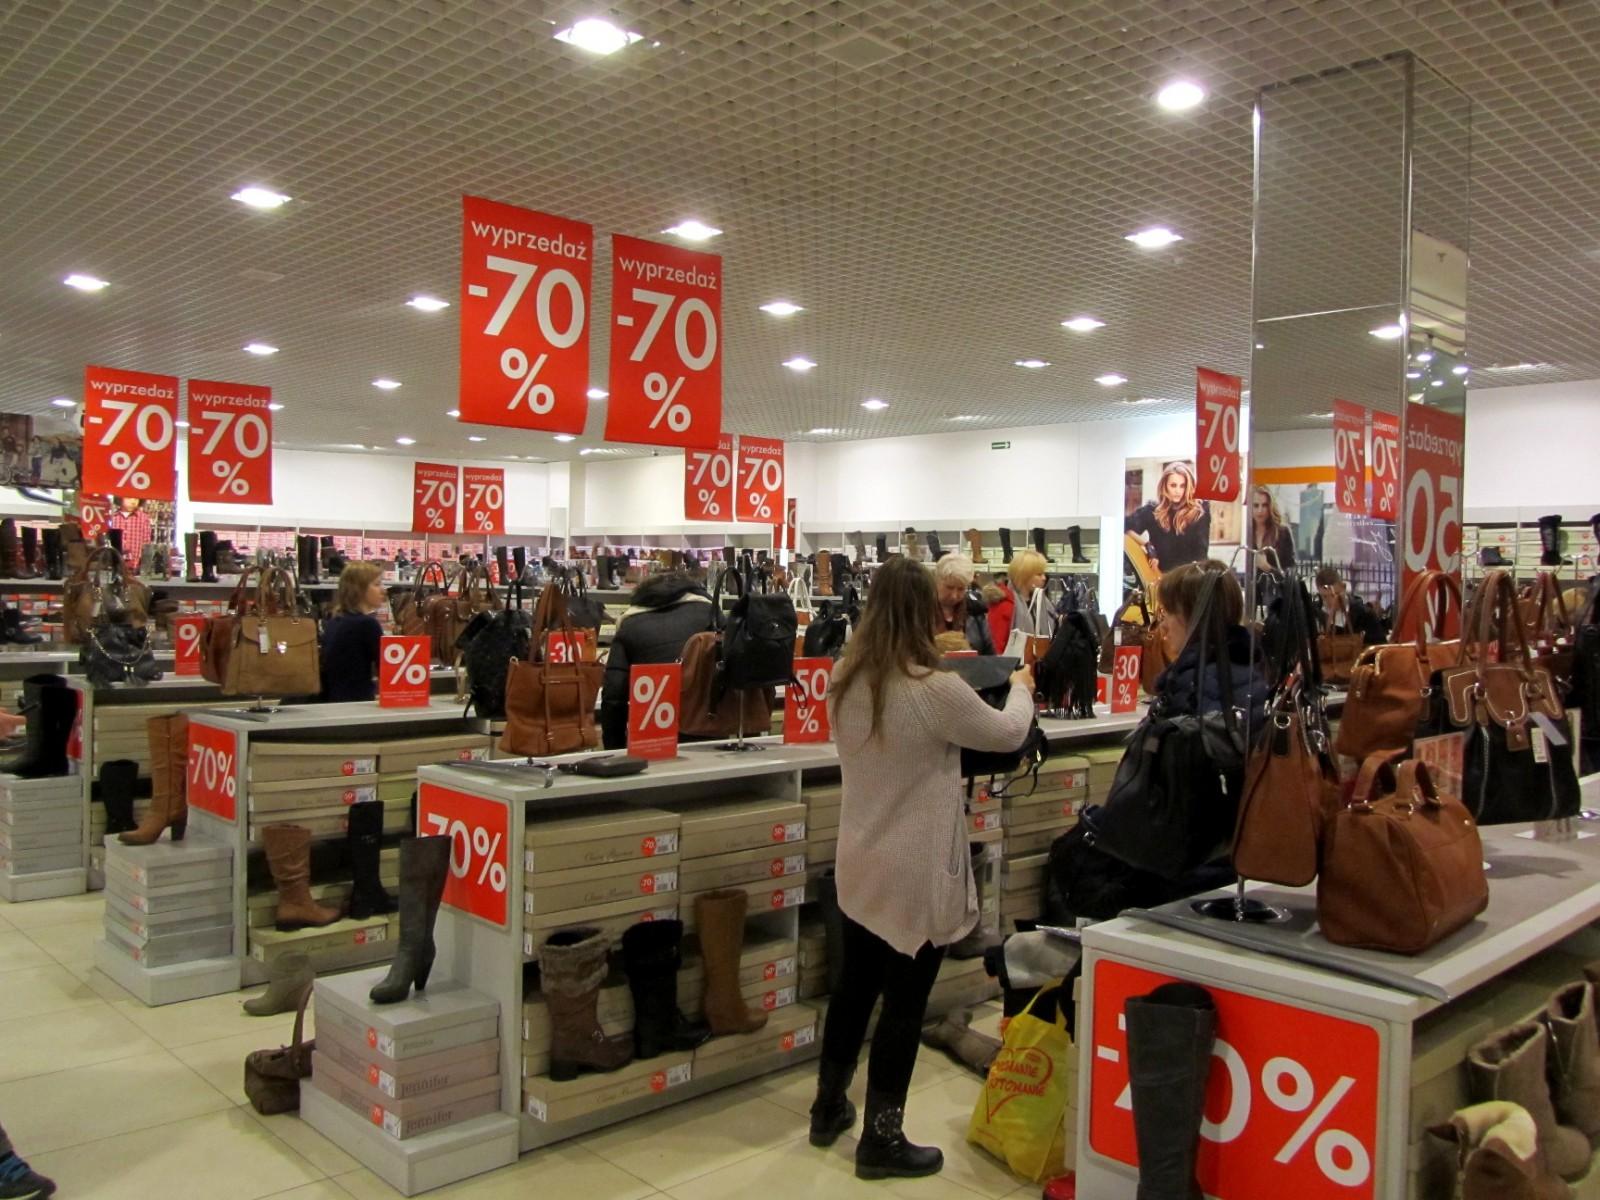 8a8af9ef7358 Распродажи в Польше - отличная возможность дешево купить ...